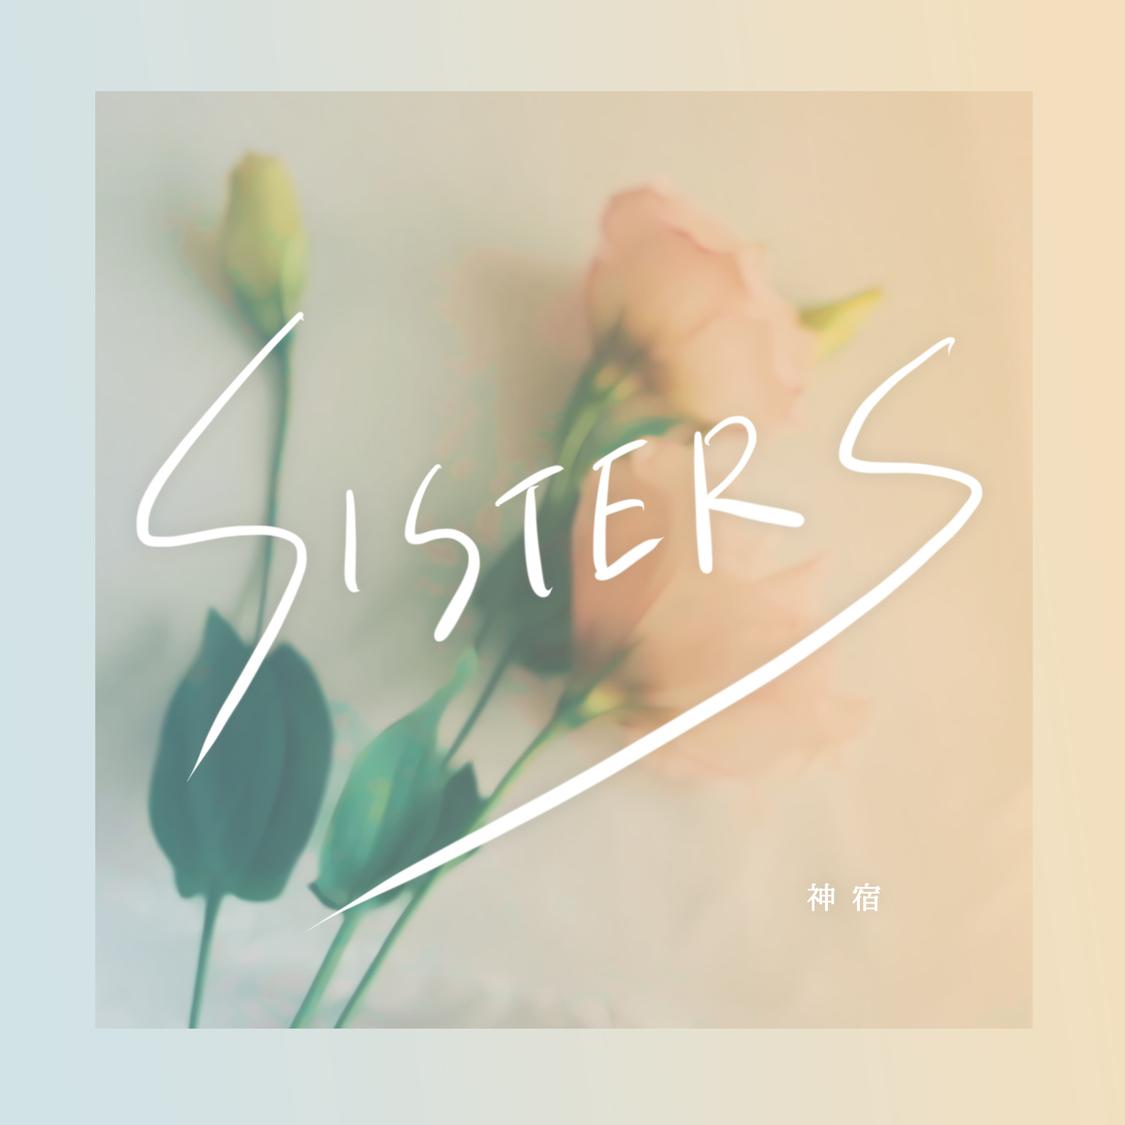 神宿、初の羽島姉妹ユニット曲「SISTERS」をラジオ初お披露目!アートワーク公開も